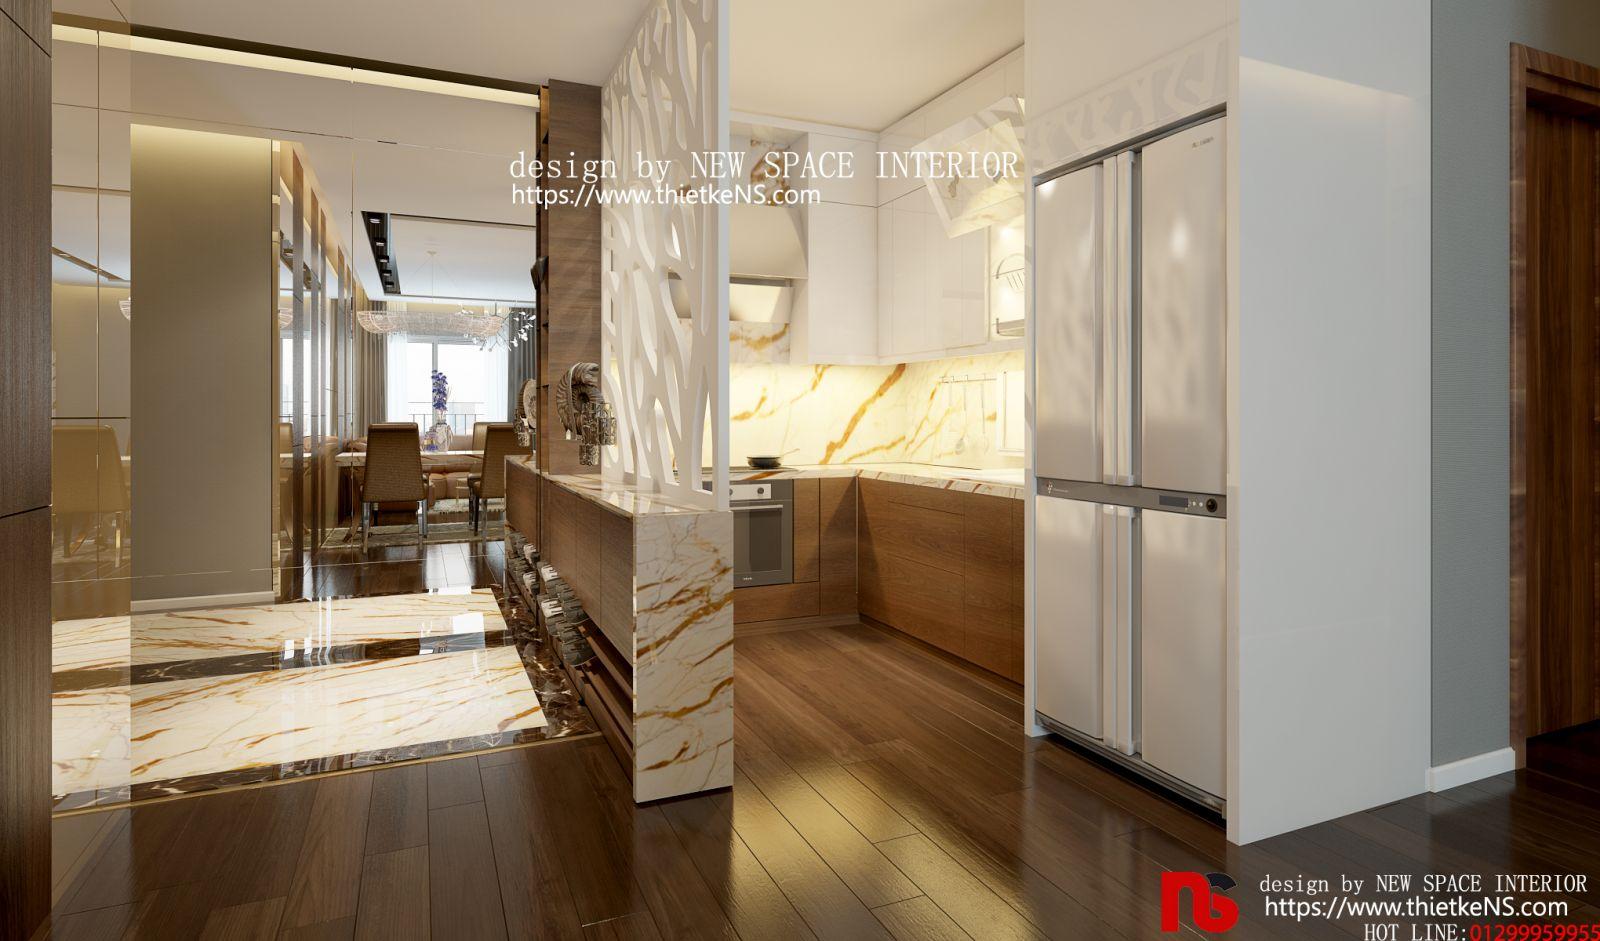 Thiết kế nội thất chung cư Skyview Plaza 02